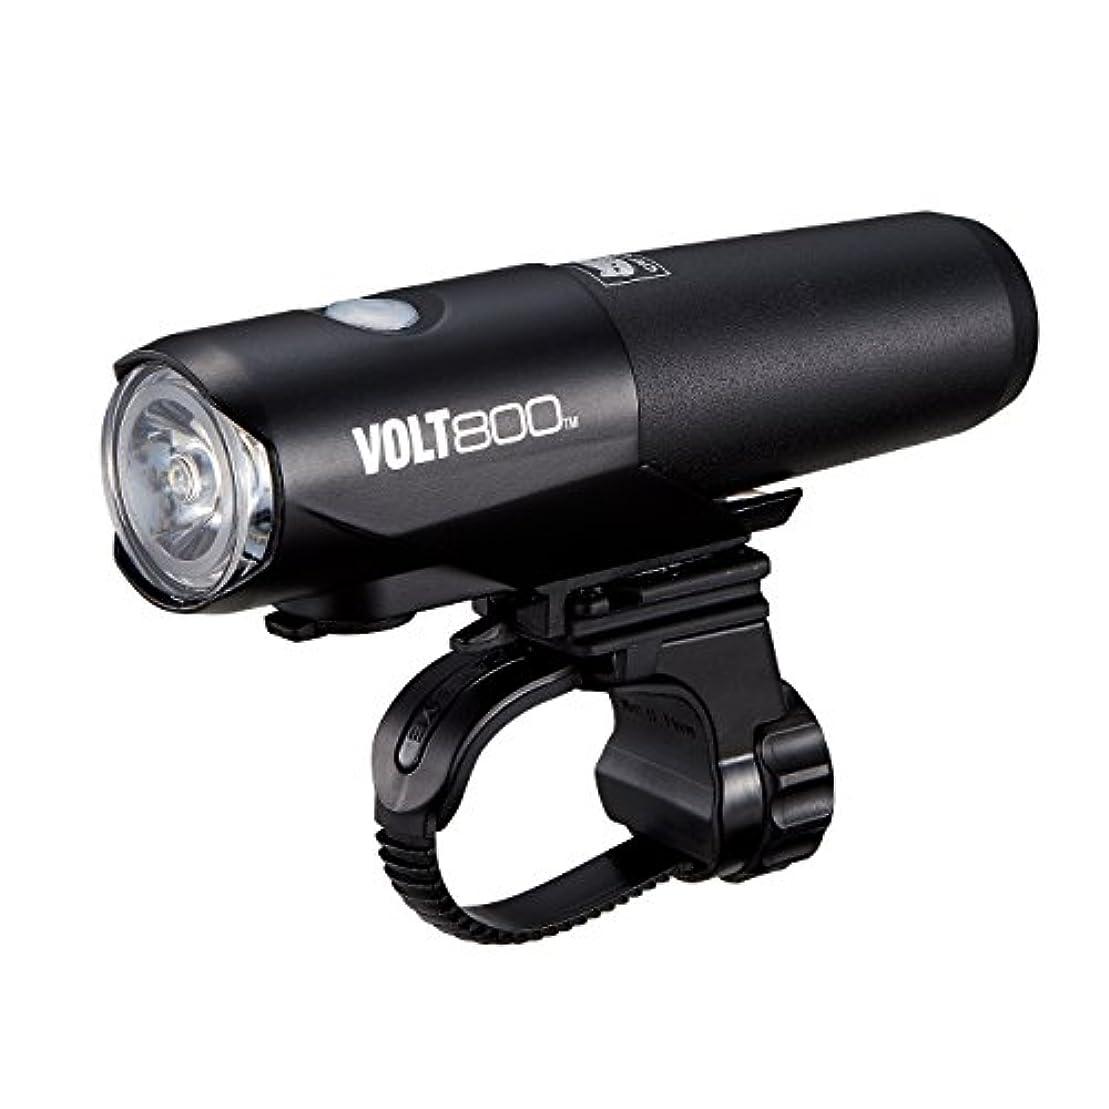 薬対反動キャットアイ(CAT EYE) LEDヘッドライト VOLT800 HL-EL471RC USB充電式